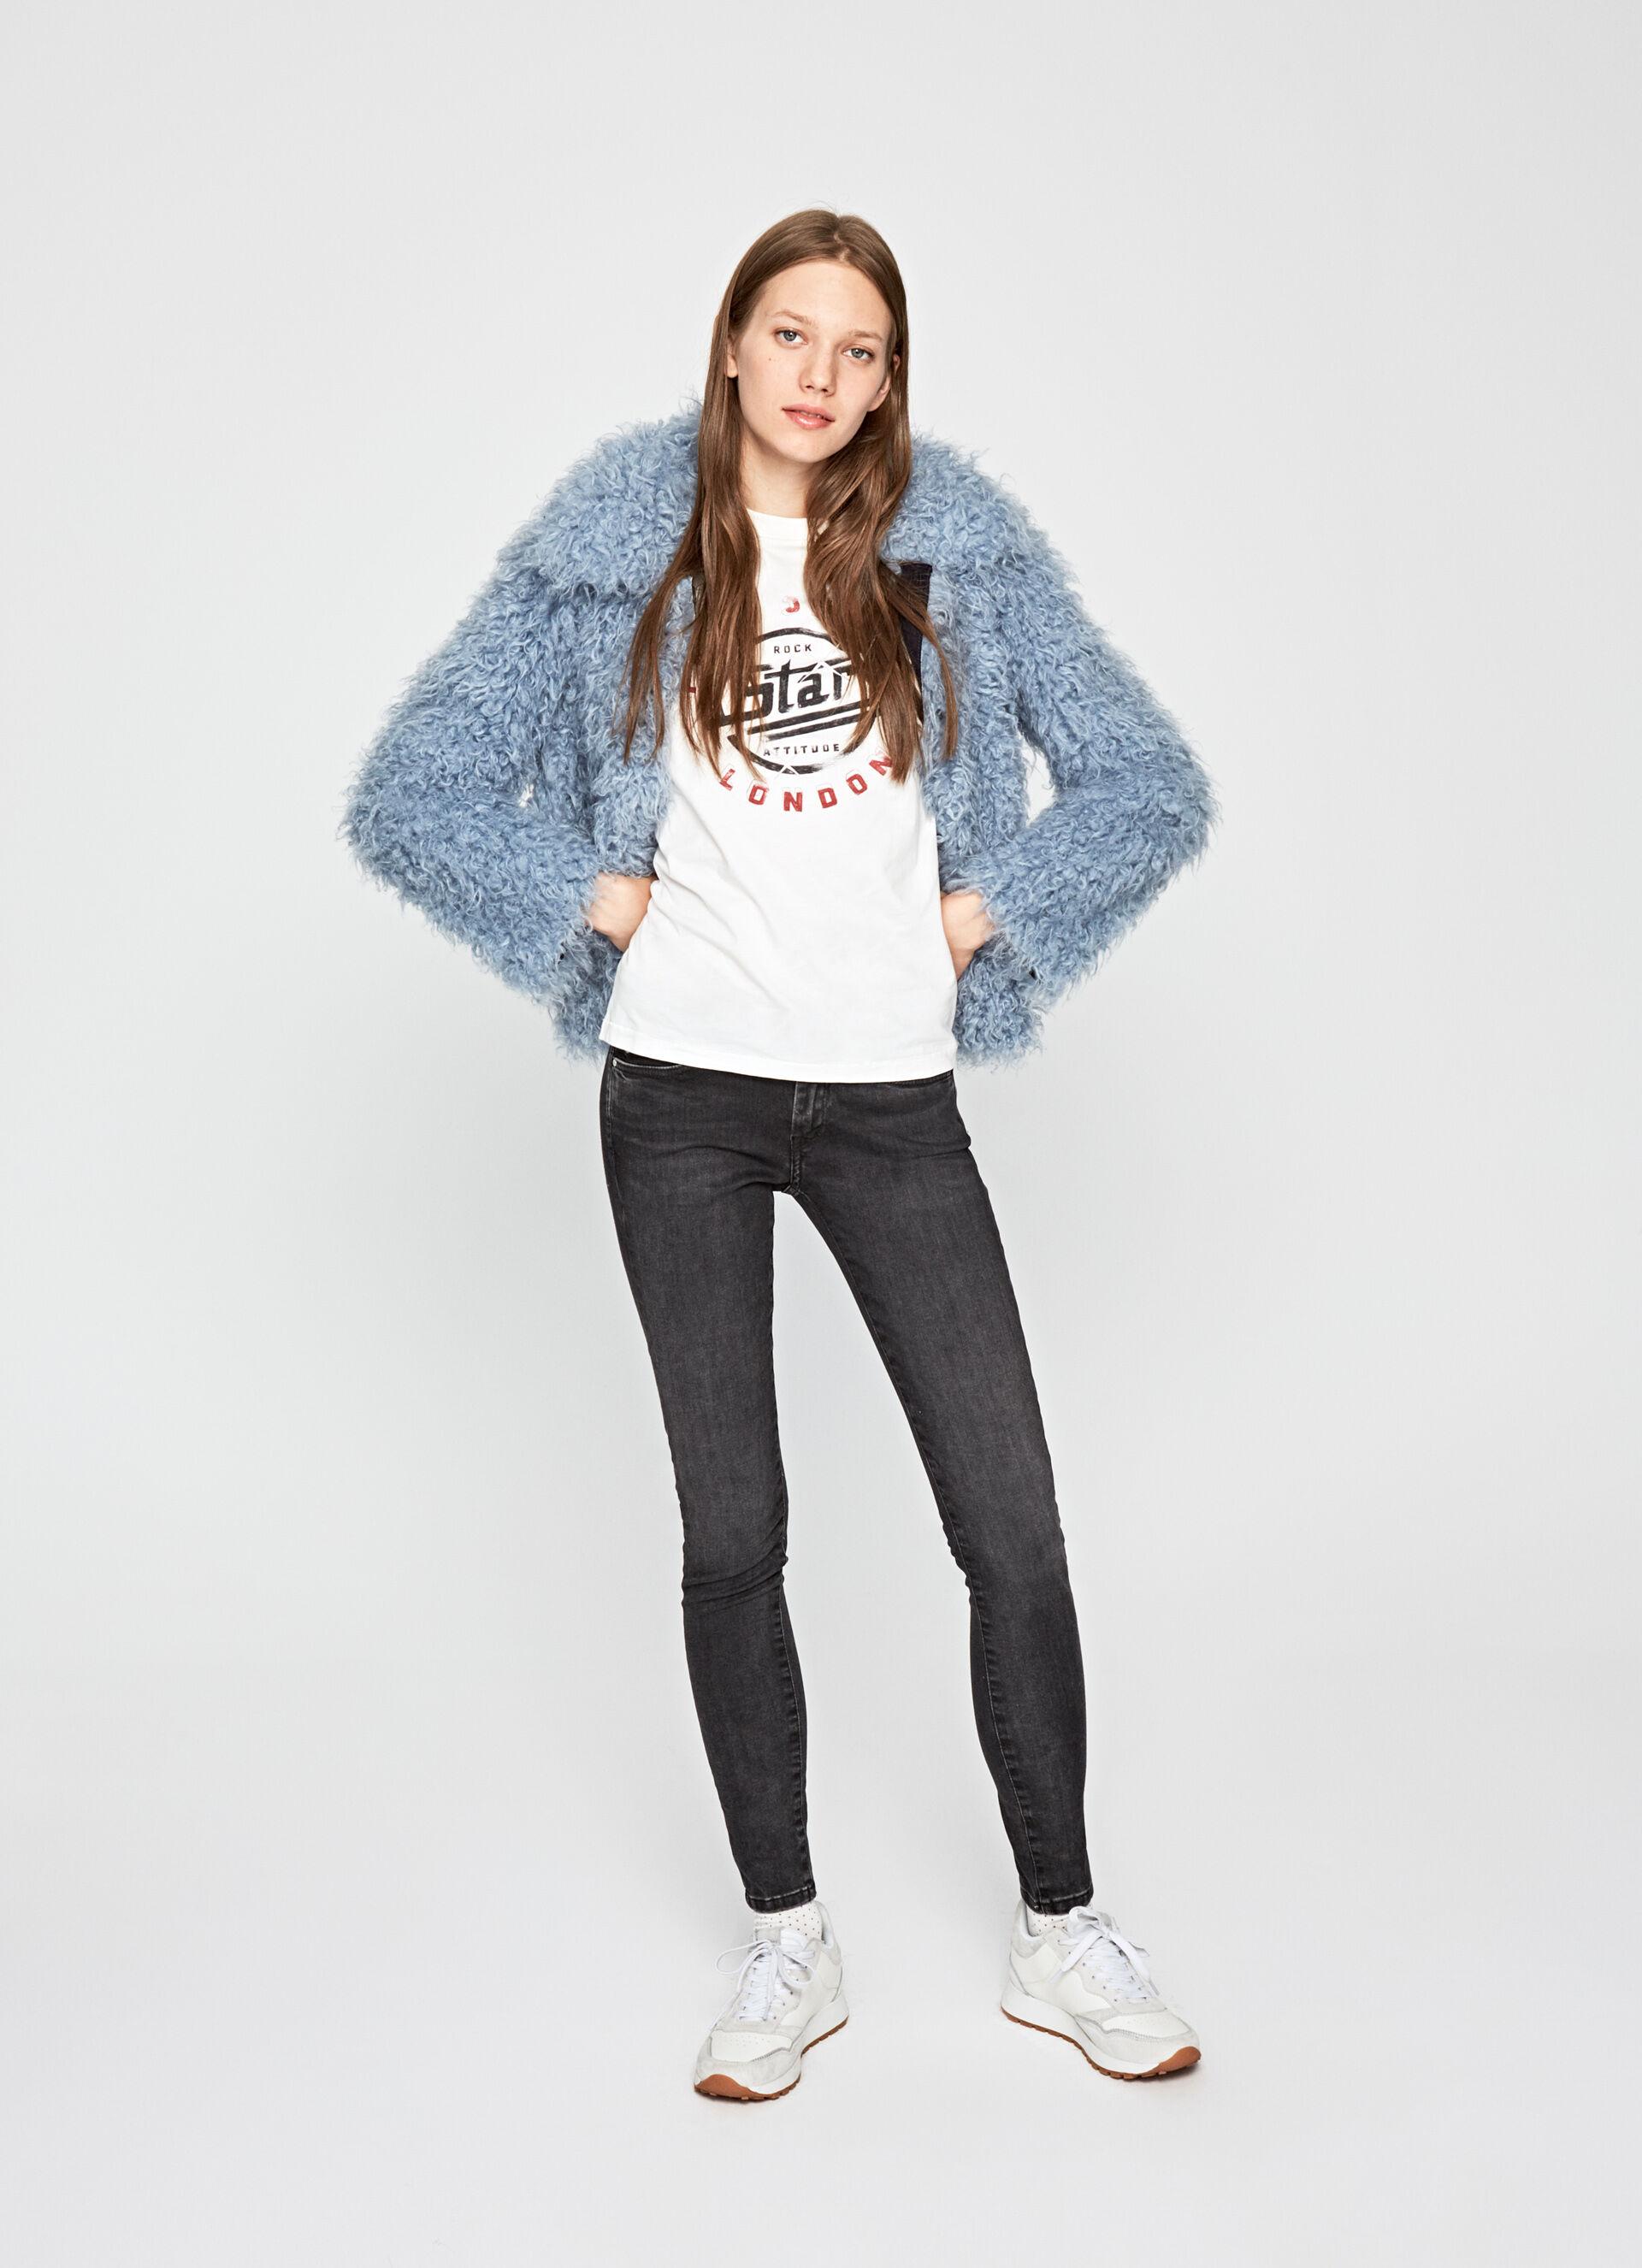 DamenPepe London London DamenPepe DamenPepe London Für Jeans Für Jeans Jeans Jeans Für DamenPepe Für thQdsr